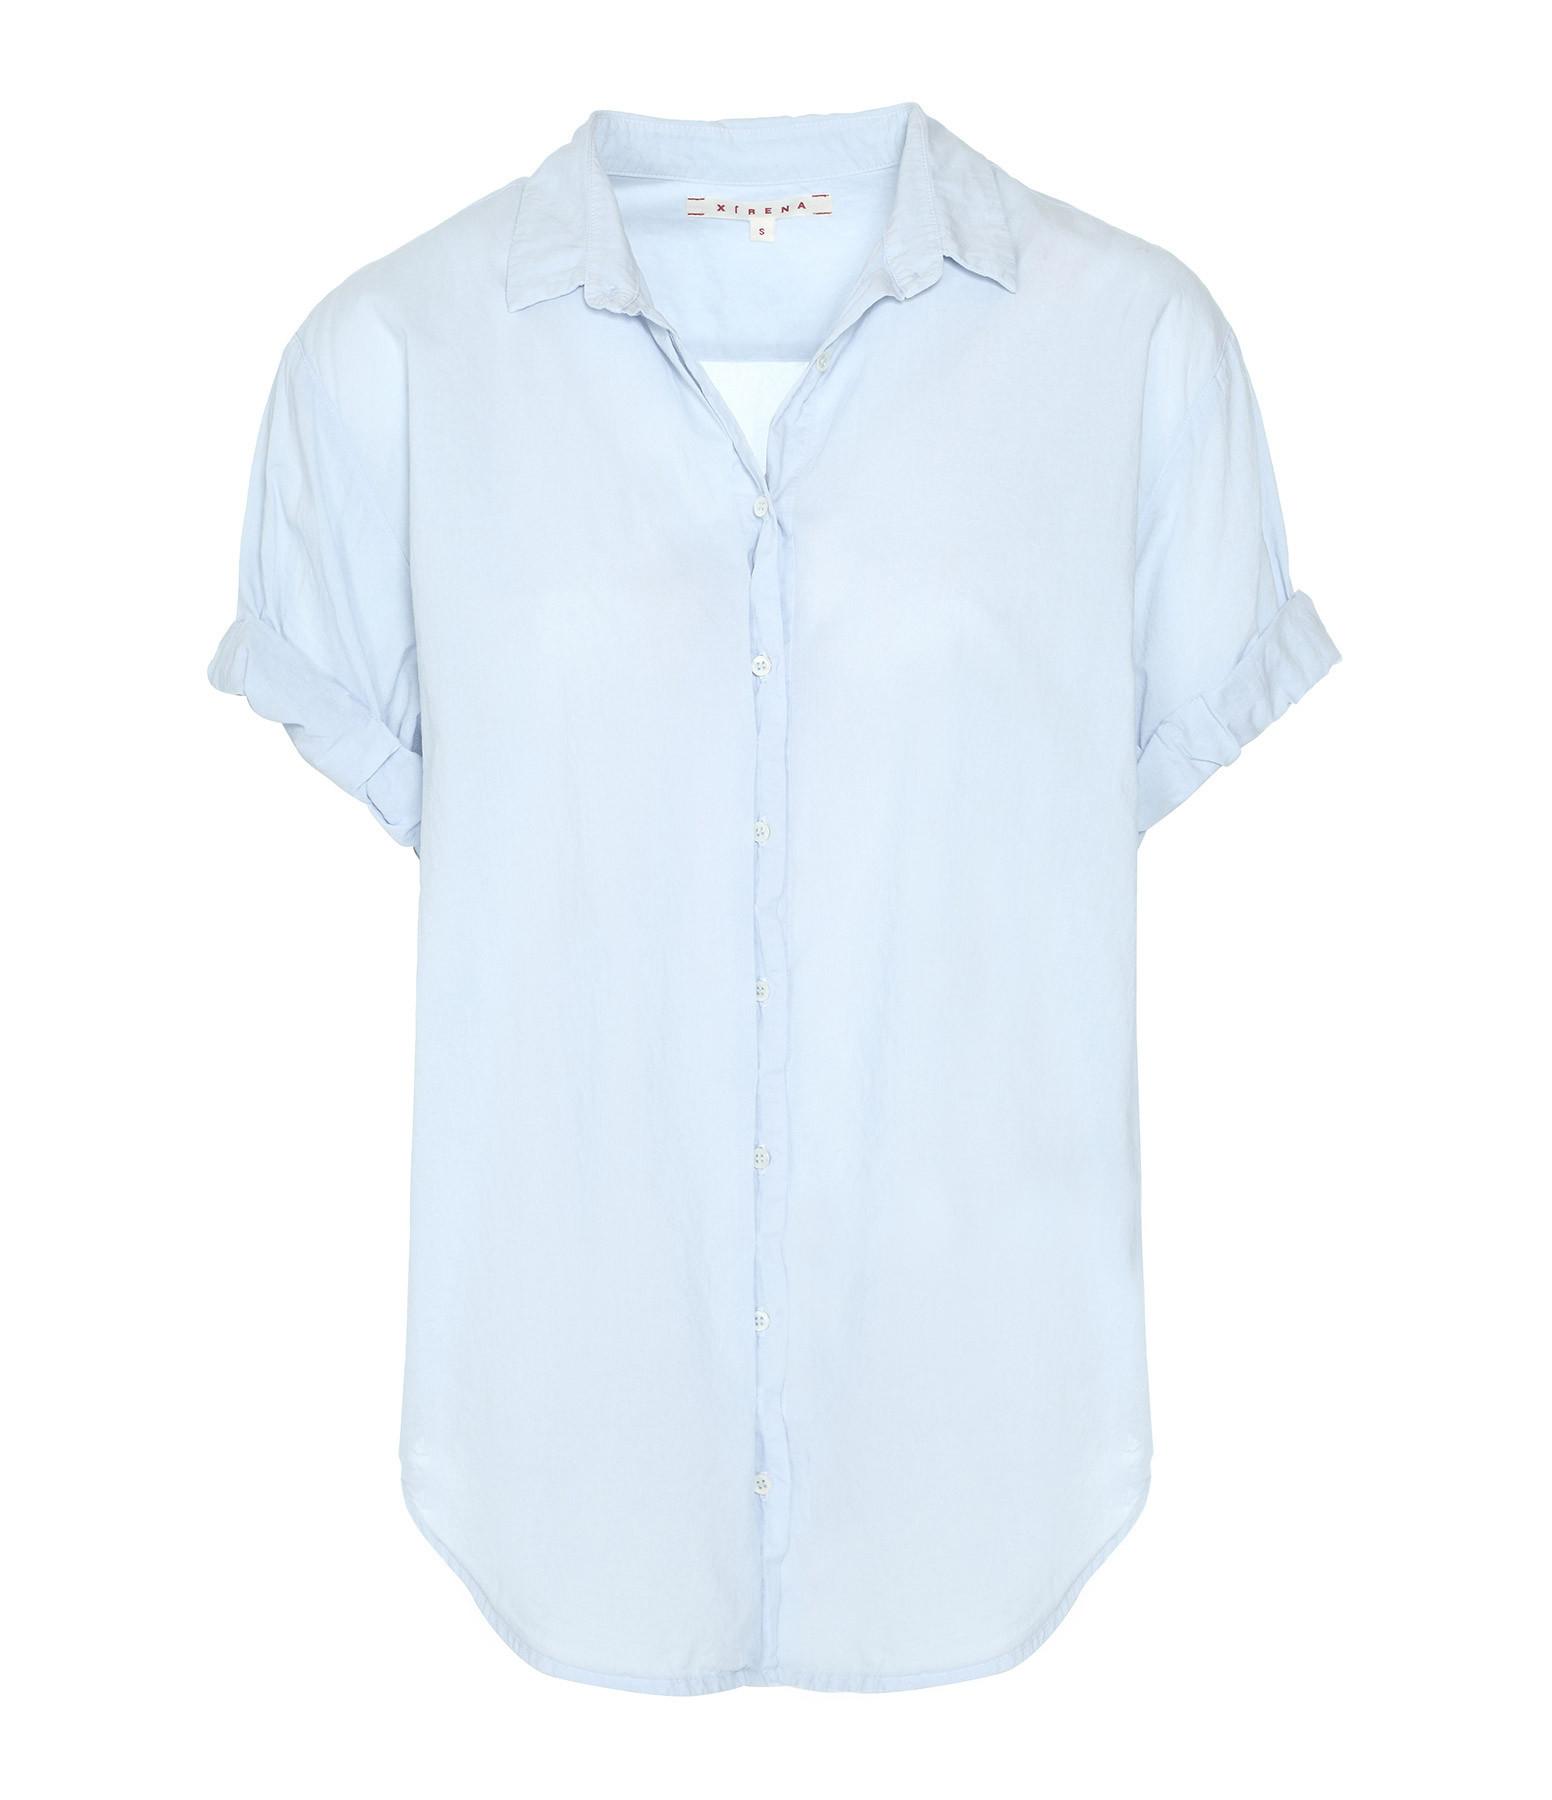 XIRENA - Chemise Channing Coton Bleu Ciel